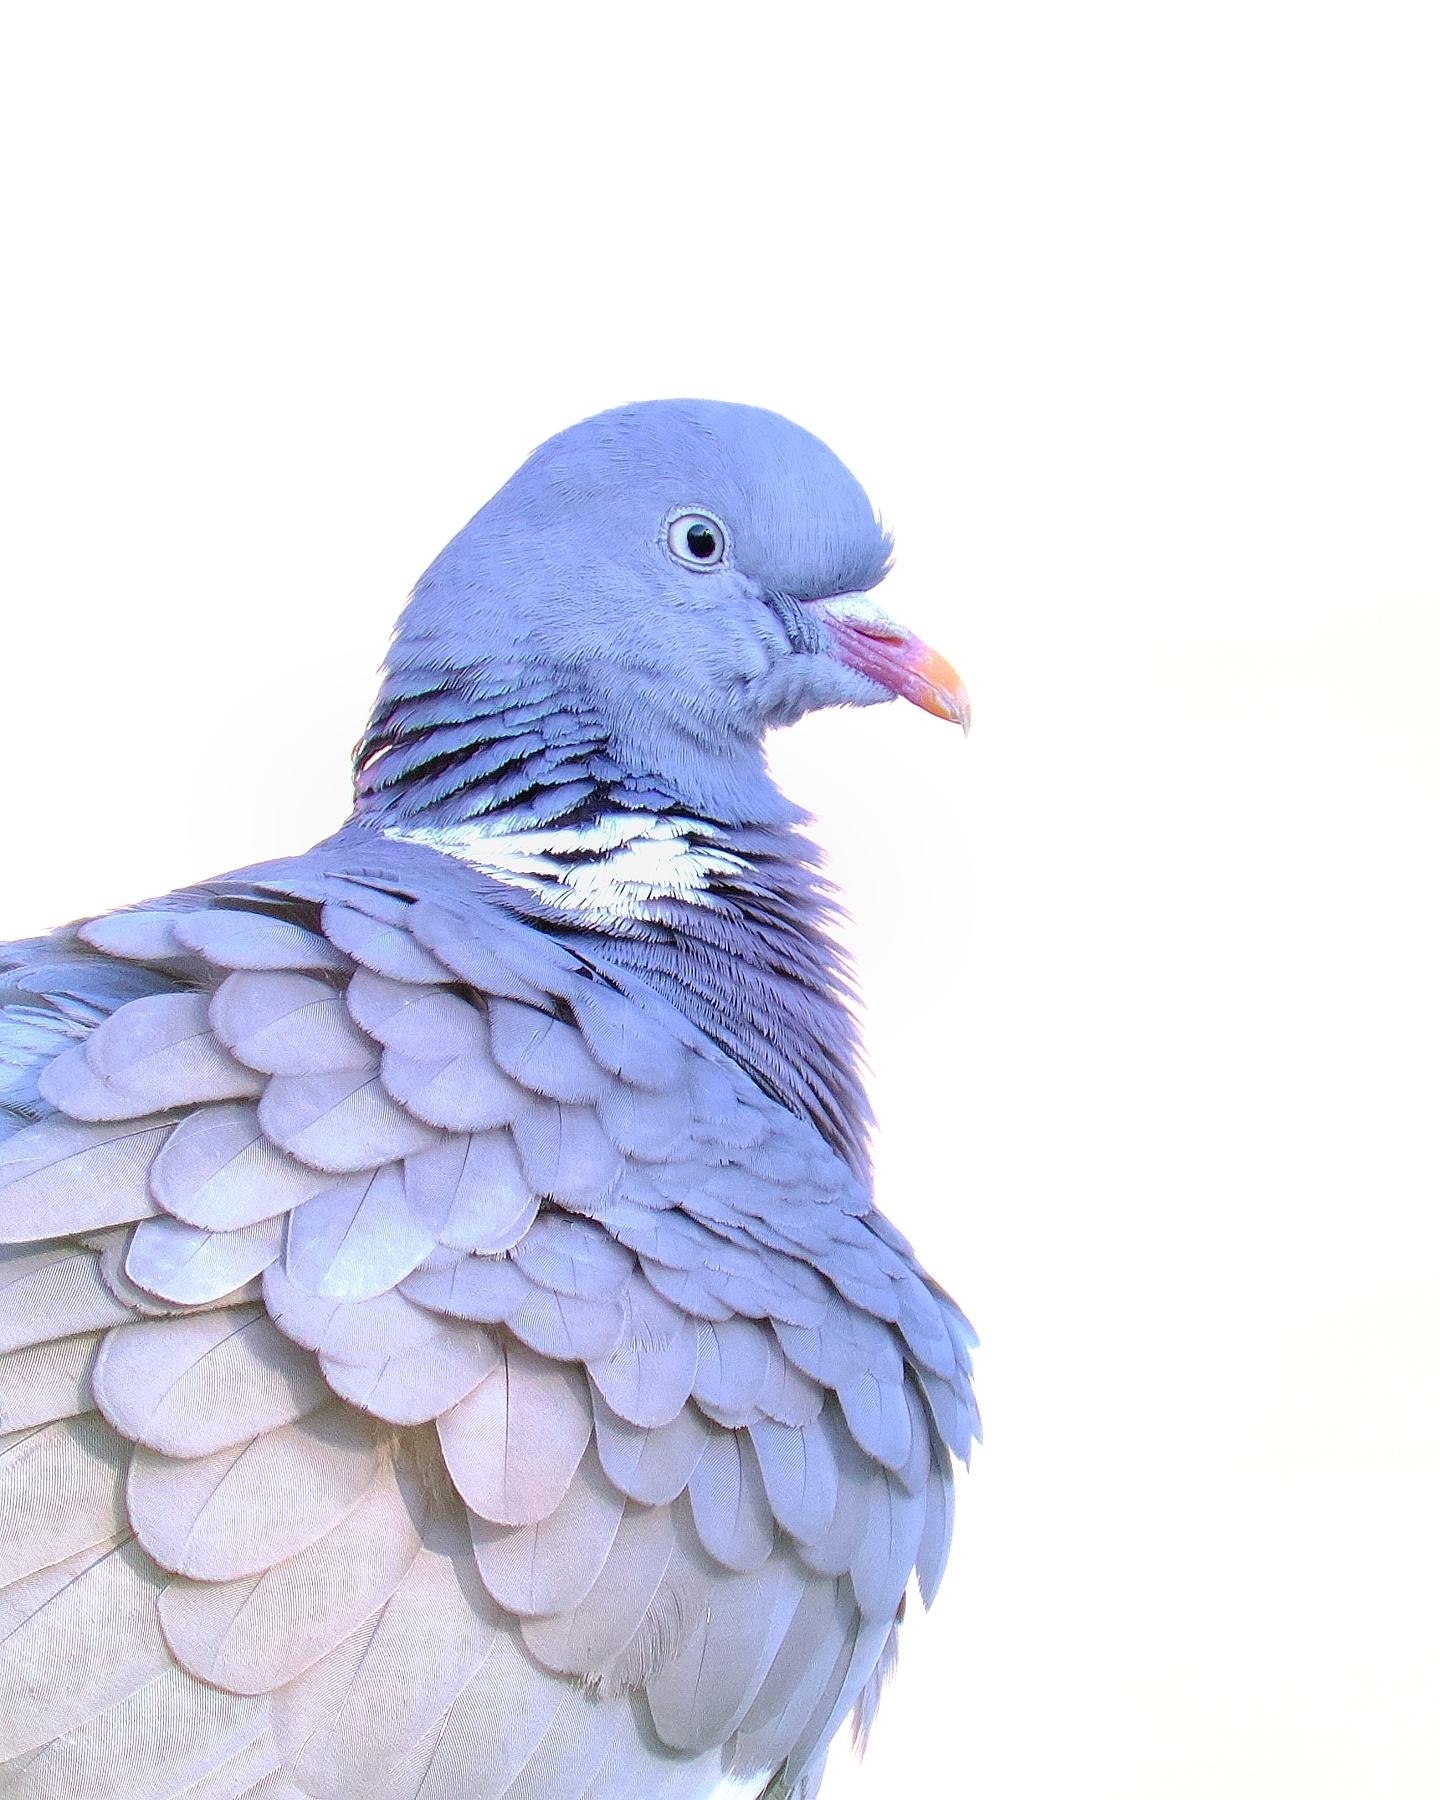 Ook 'gewone' vogels zijn zo mooi! - In coronatijd mis ik het reizen, al is dat natuurlijk veel beter voor het milieu. Bovendien prikkelt het tot fotografie dicht bij huis. Deze houtduif - foto door KeesBastmeijer op 14-04-2021 - locatie: Tilburg, Nederland - deze foto bevat: vogel, bek, voorraad waar, veer, water, rock waar, natuurlijk materiaal, vleugel, elektrisch blauw, beeldhouwwerk